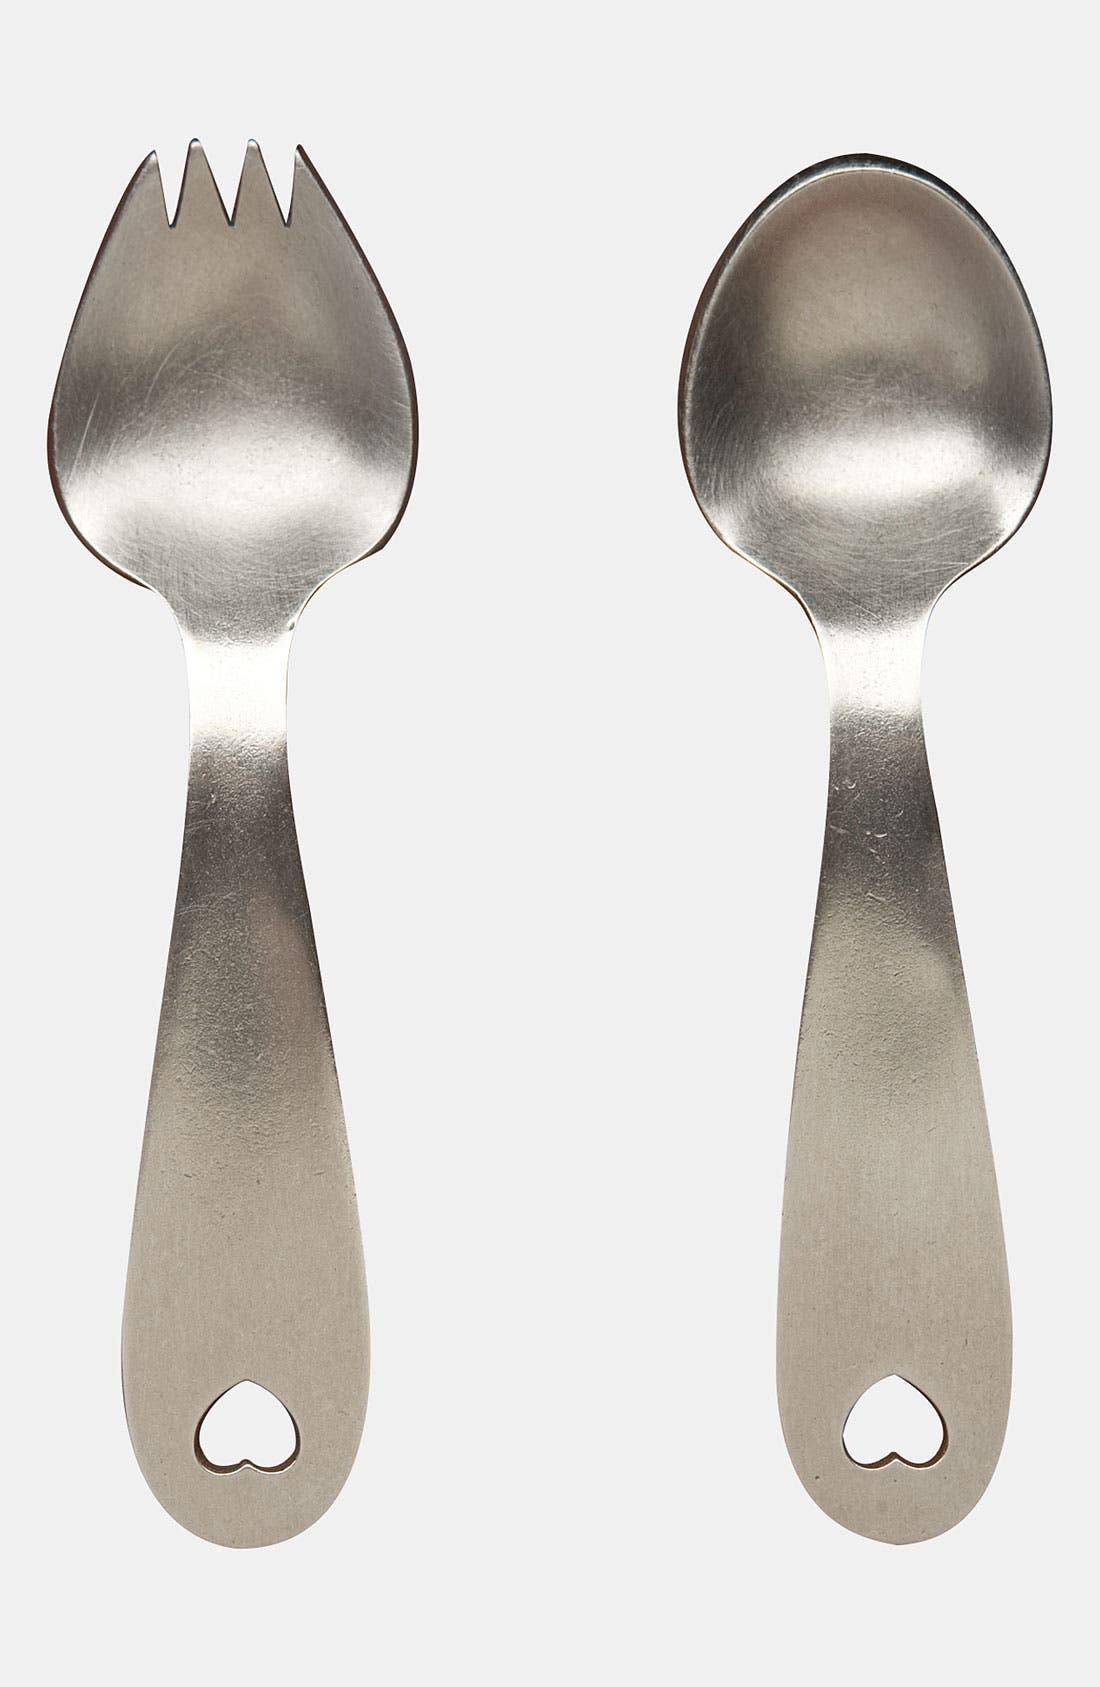 Alternate Image 1 Selected - Beehive Kitchenware 'Heart' Keepsake Spoon & Fork